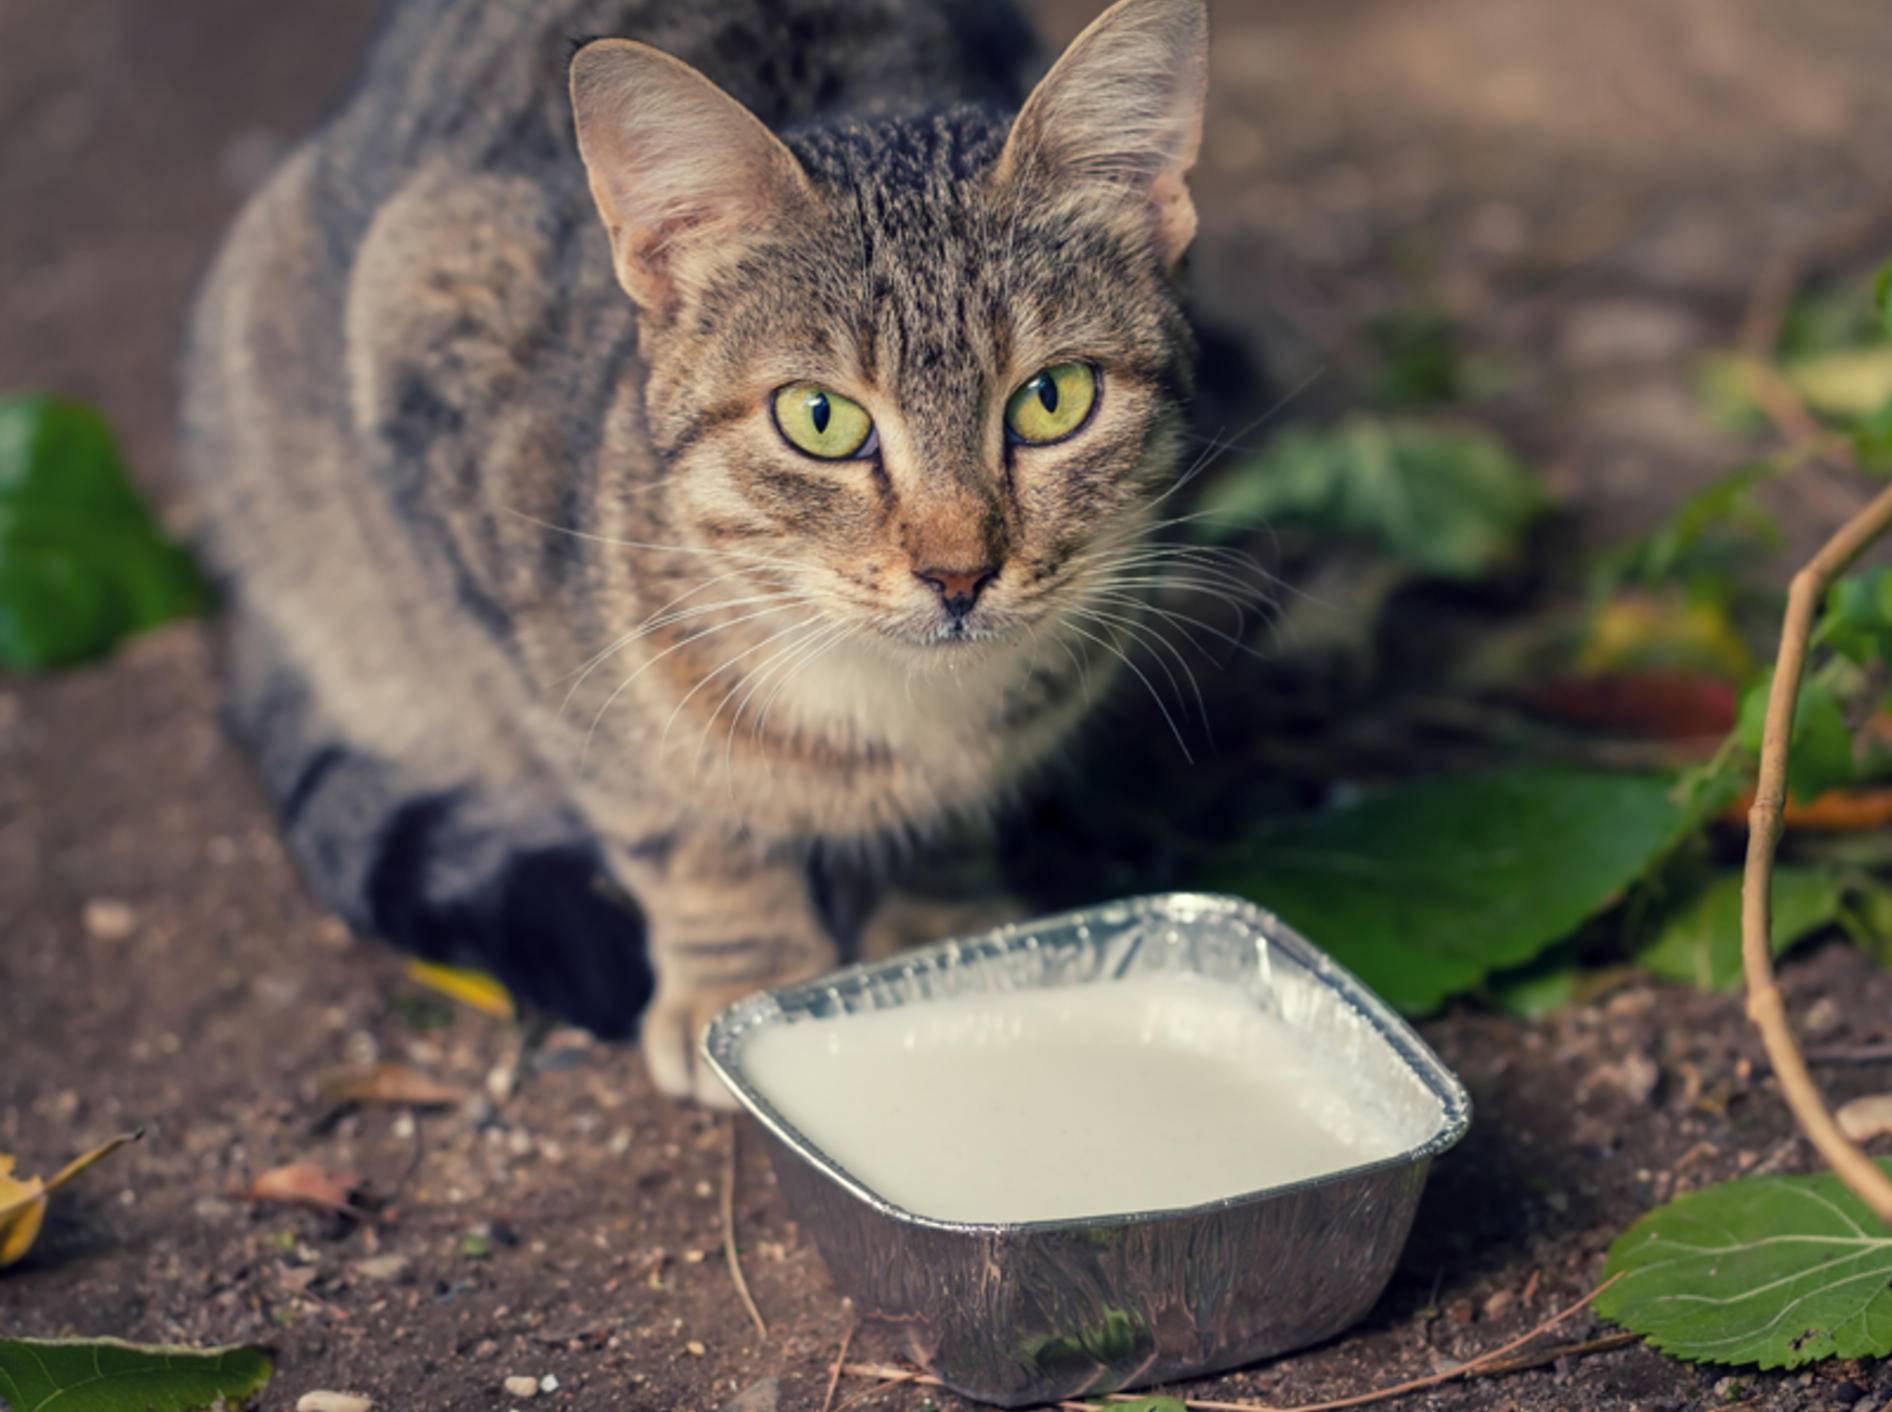 Katze-trinkt-Milch-Shutterstock-Bahadir Yeniceri